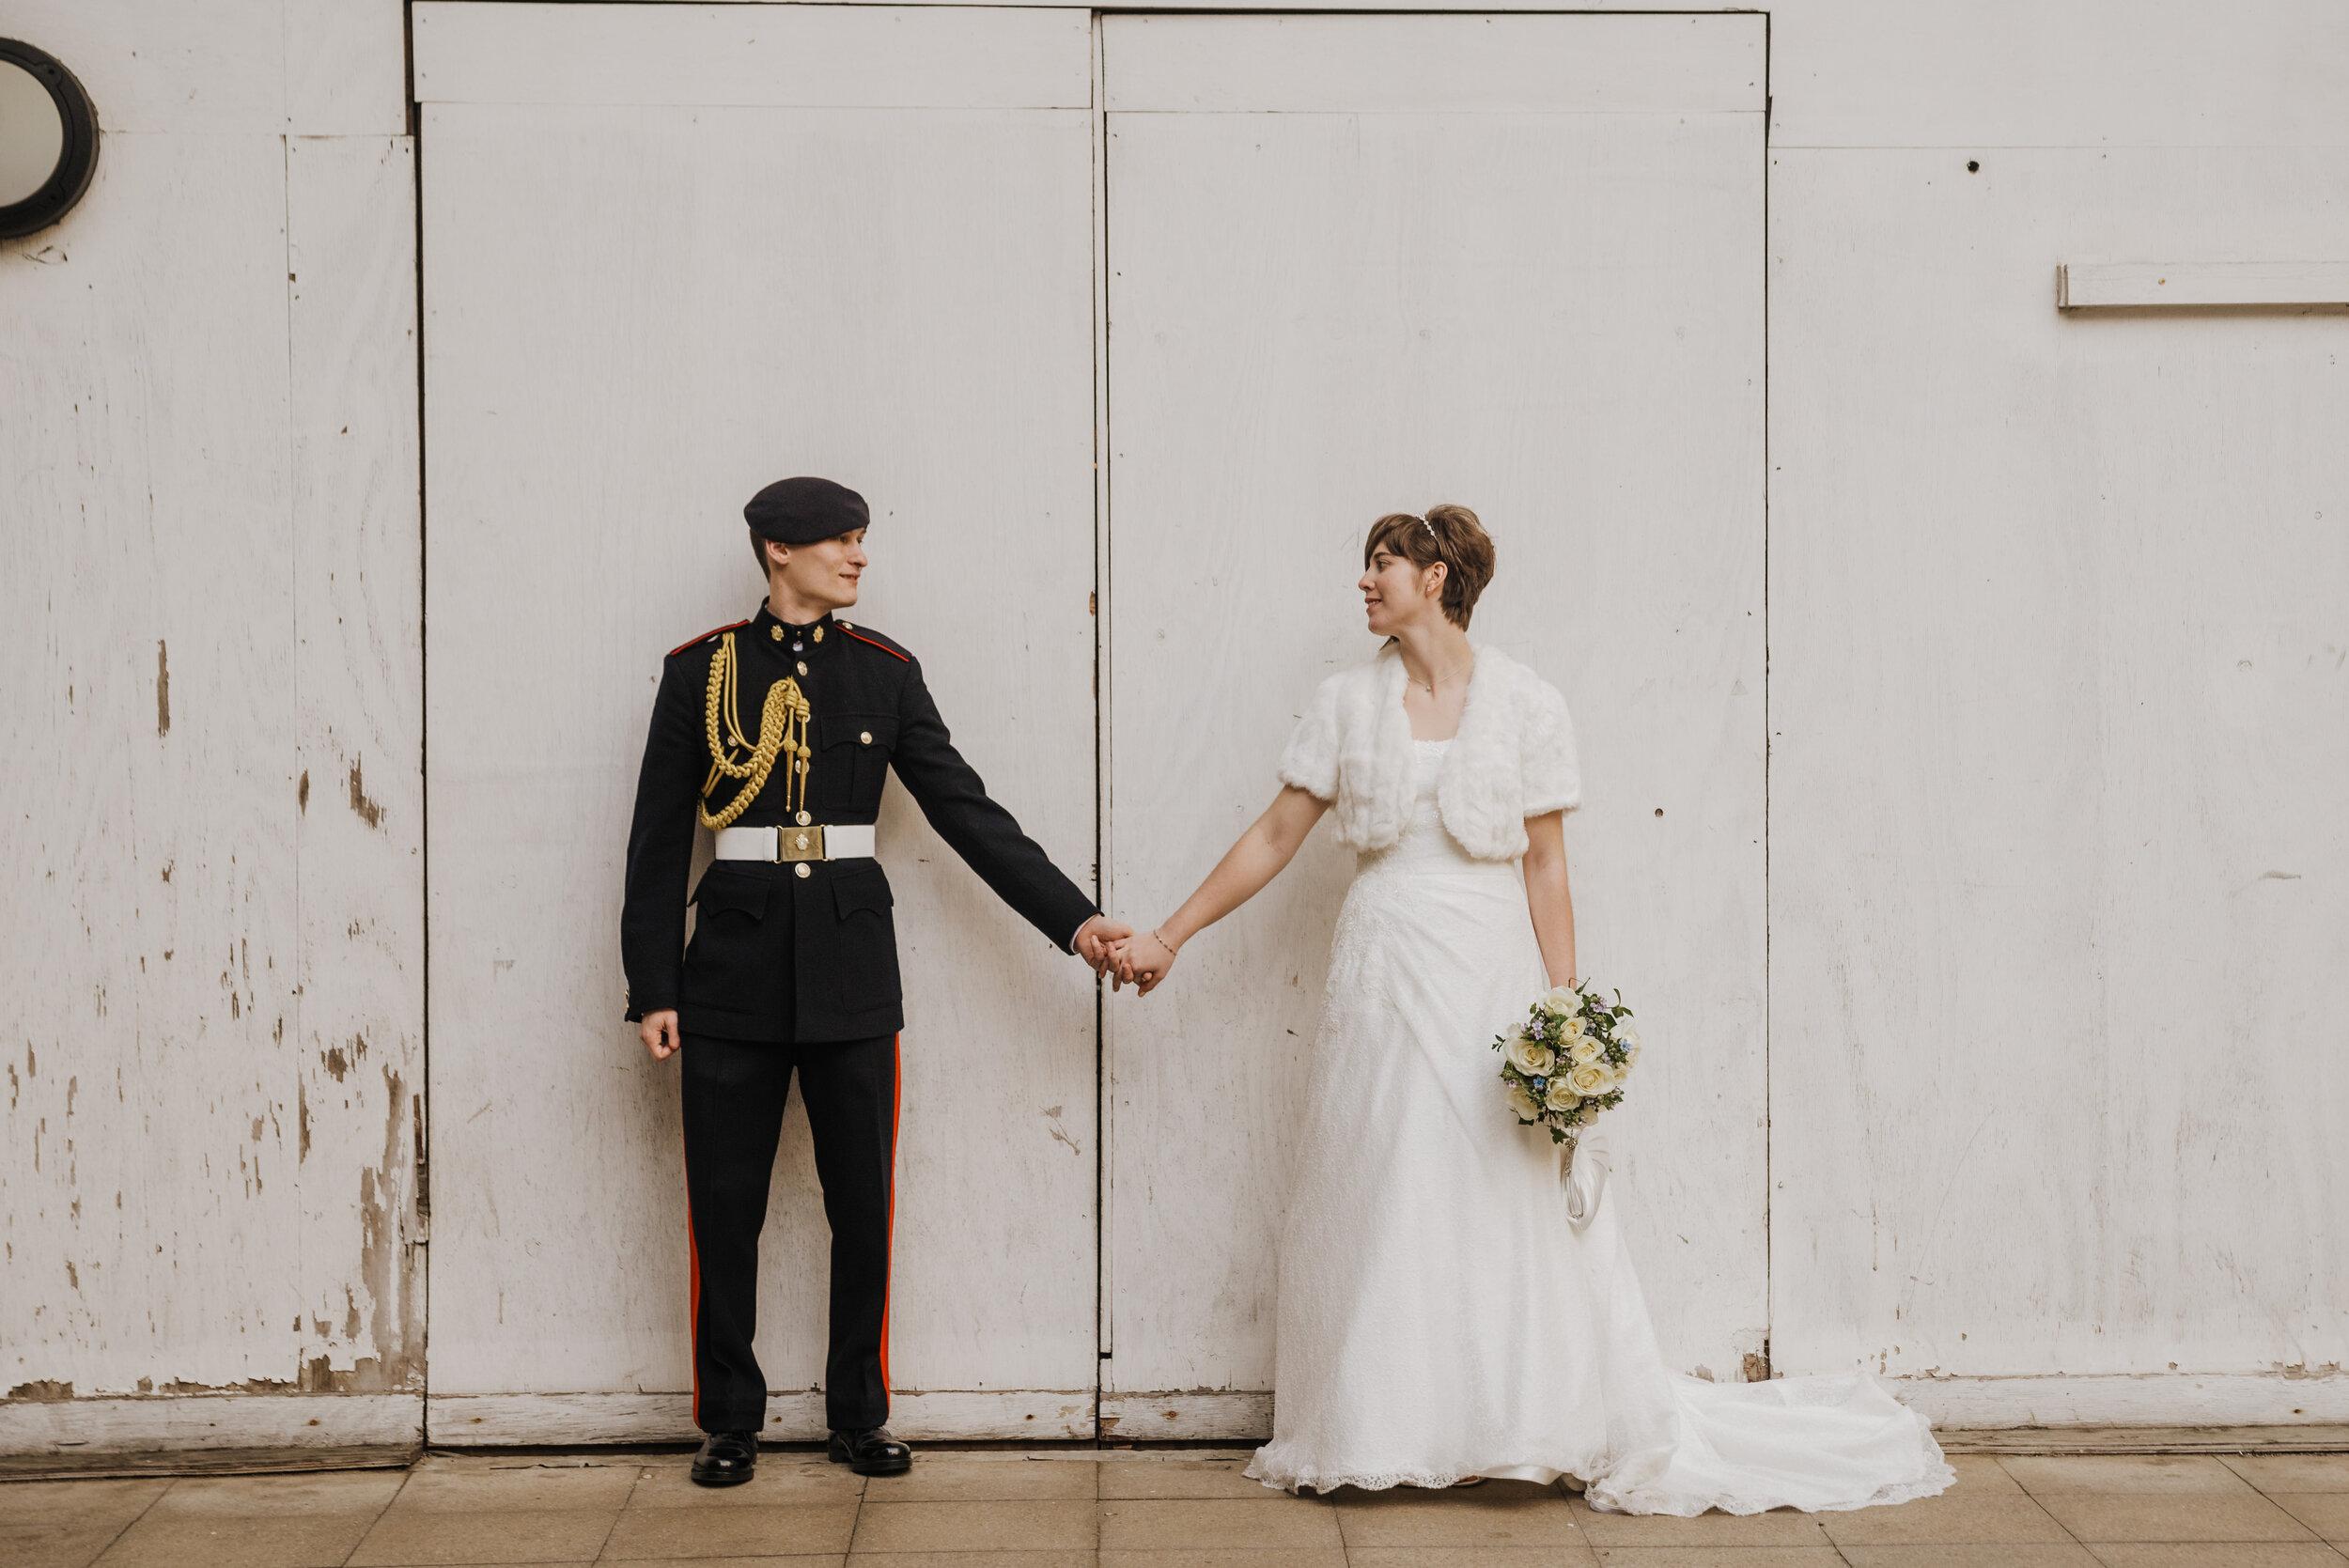 SUFFOLK_WEDDING_PHOTOGRAPHY_ISAACS_WEDDING_VENUE_WEDDINGPHOTOGRAPHERNEARME_iPSWICHWEDDINGPHOTOGRAPHER (58).jpg